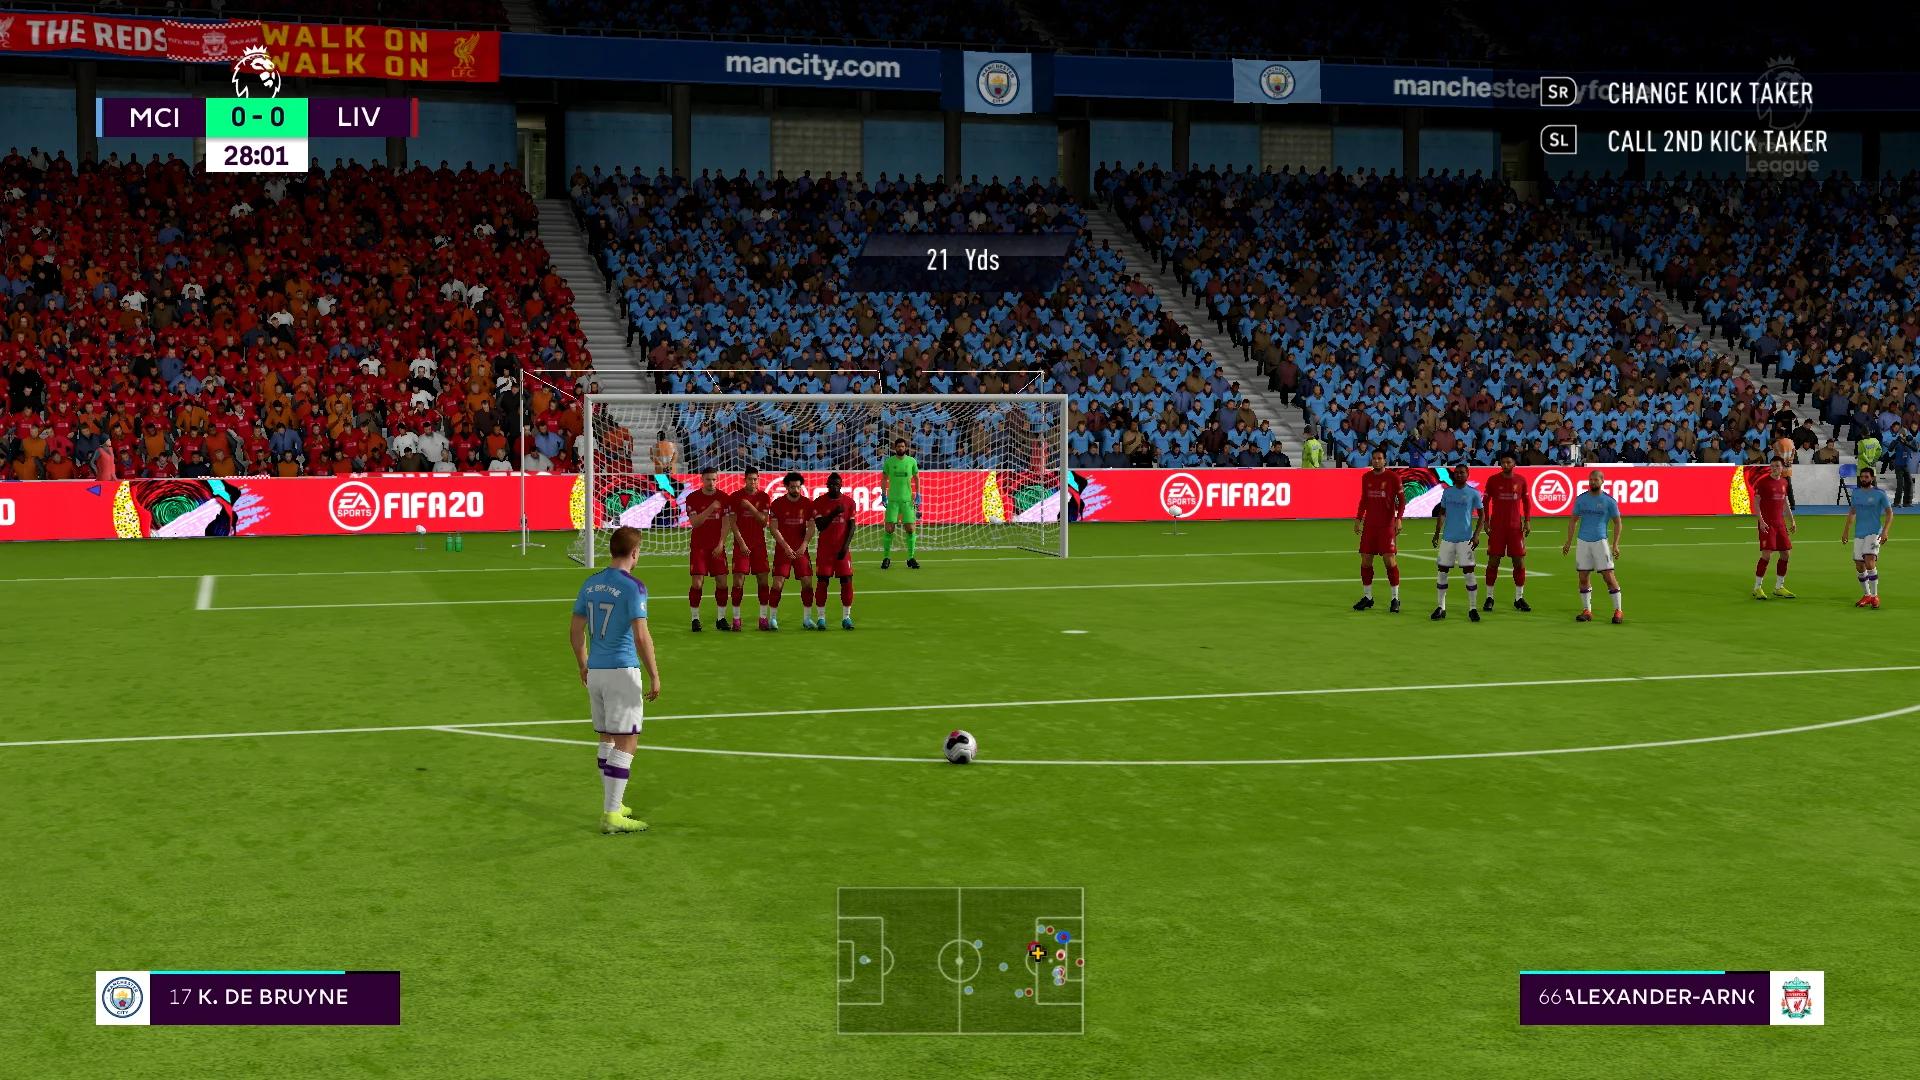 Spesiallagde lydspor fra fotballspillet Fifa 20 skal gjøre det litt morsommere å se på Premier League uten publikum.